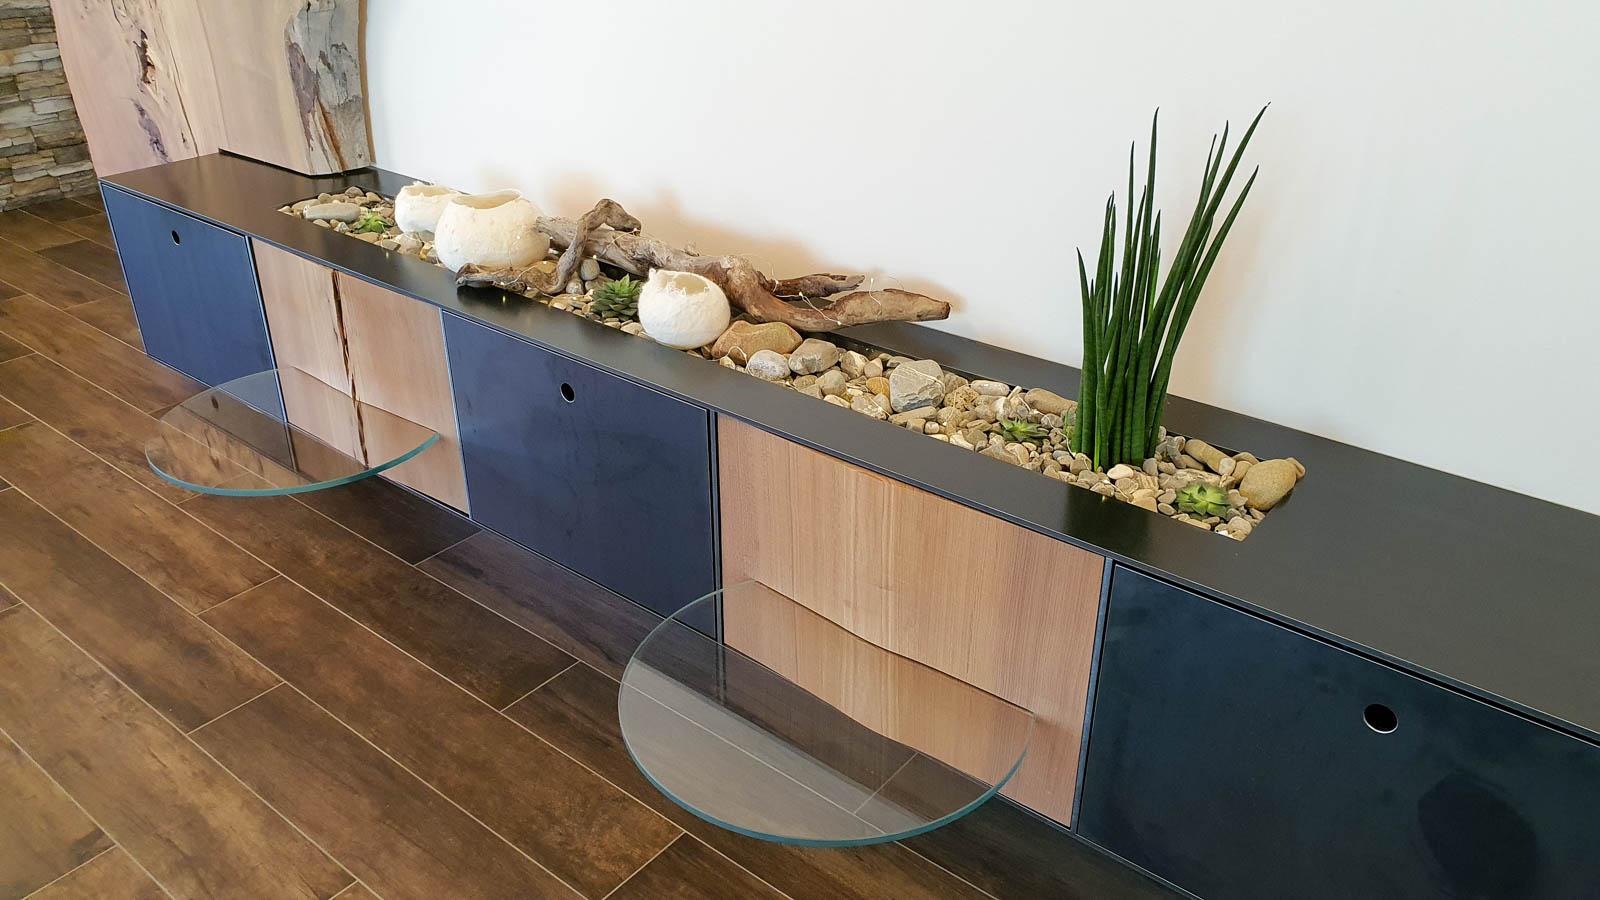 Wooddesign_Wohnzimmermöbel_Design_Holzbild_Ulme_Schwarzstahl_Raumhoch_Pflanzentopf (2)